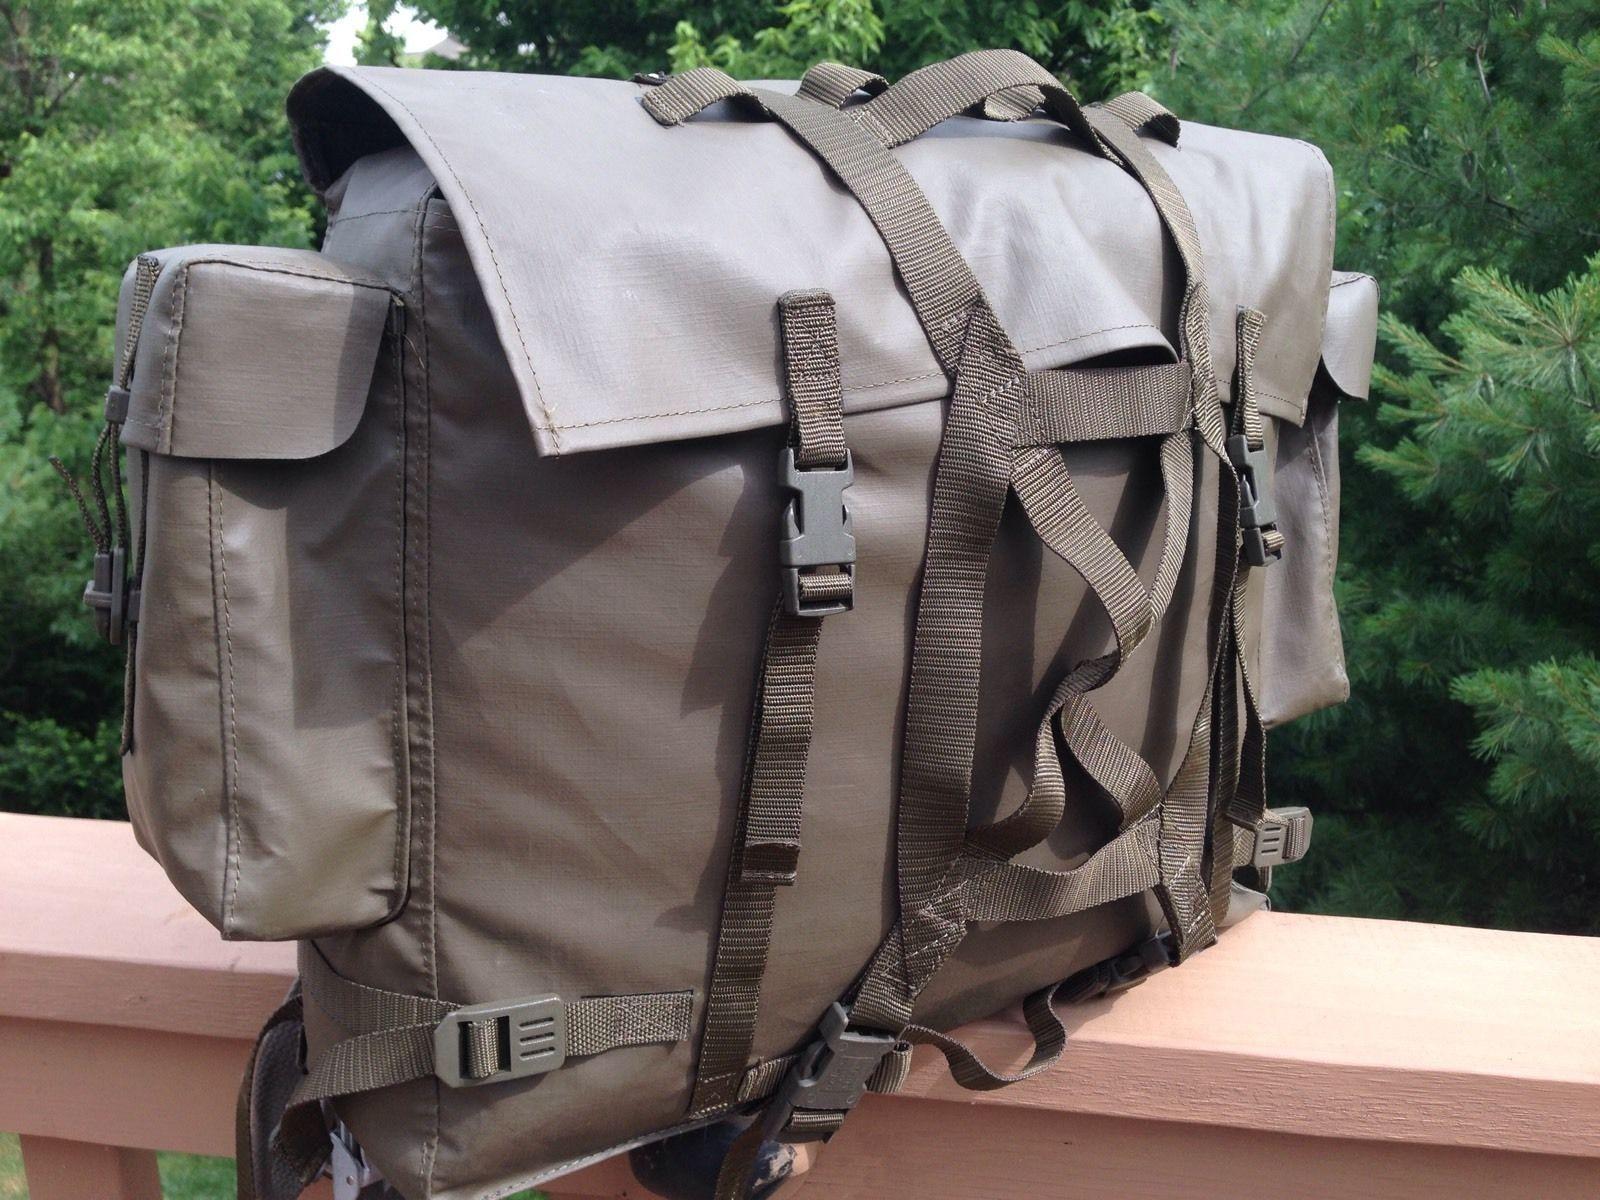 Vintage Swiss Military Waterproof Backpack Rucksack Ebay Design